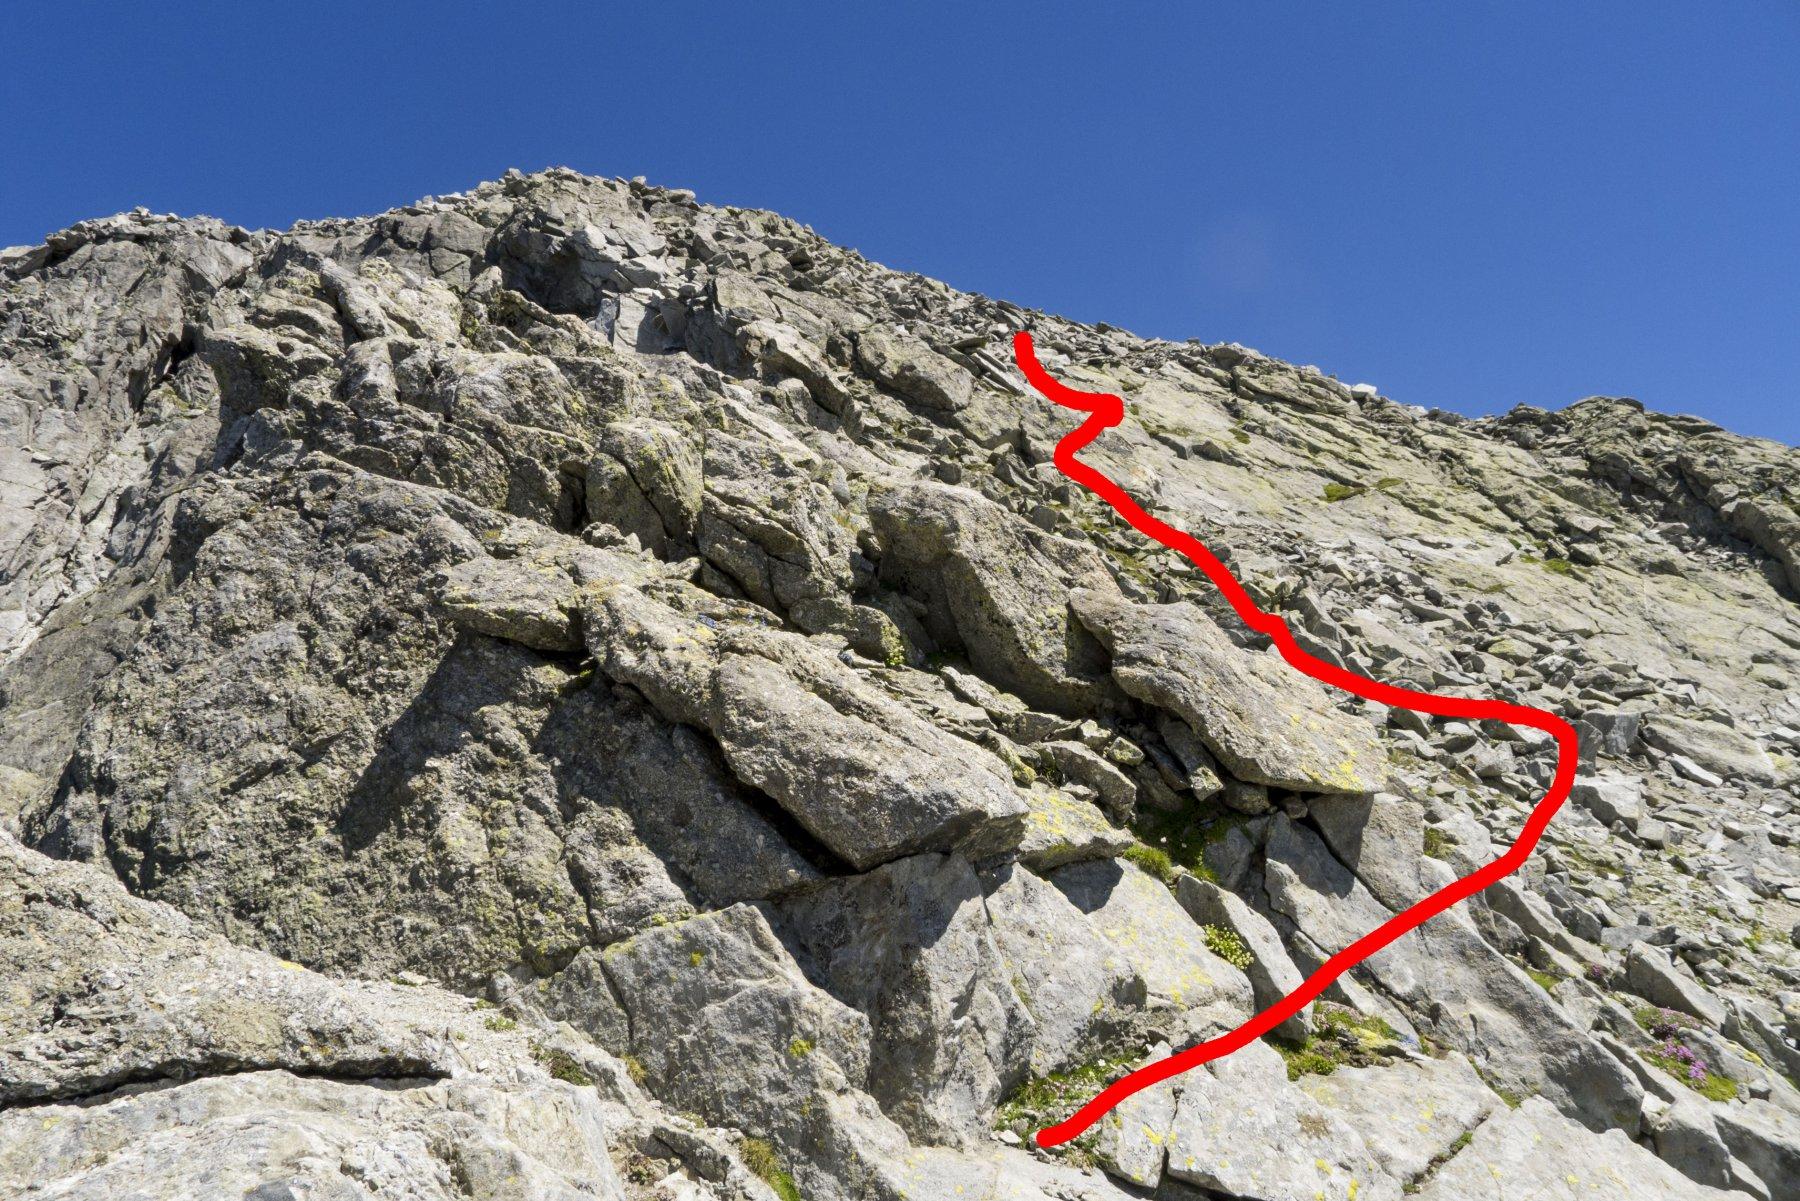 dal passo Porcellizzo sud verso la cima (nascosta), ultimi 150m